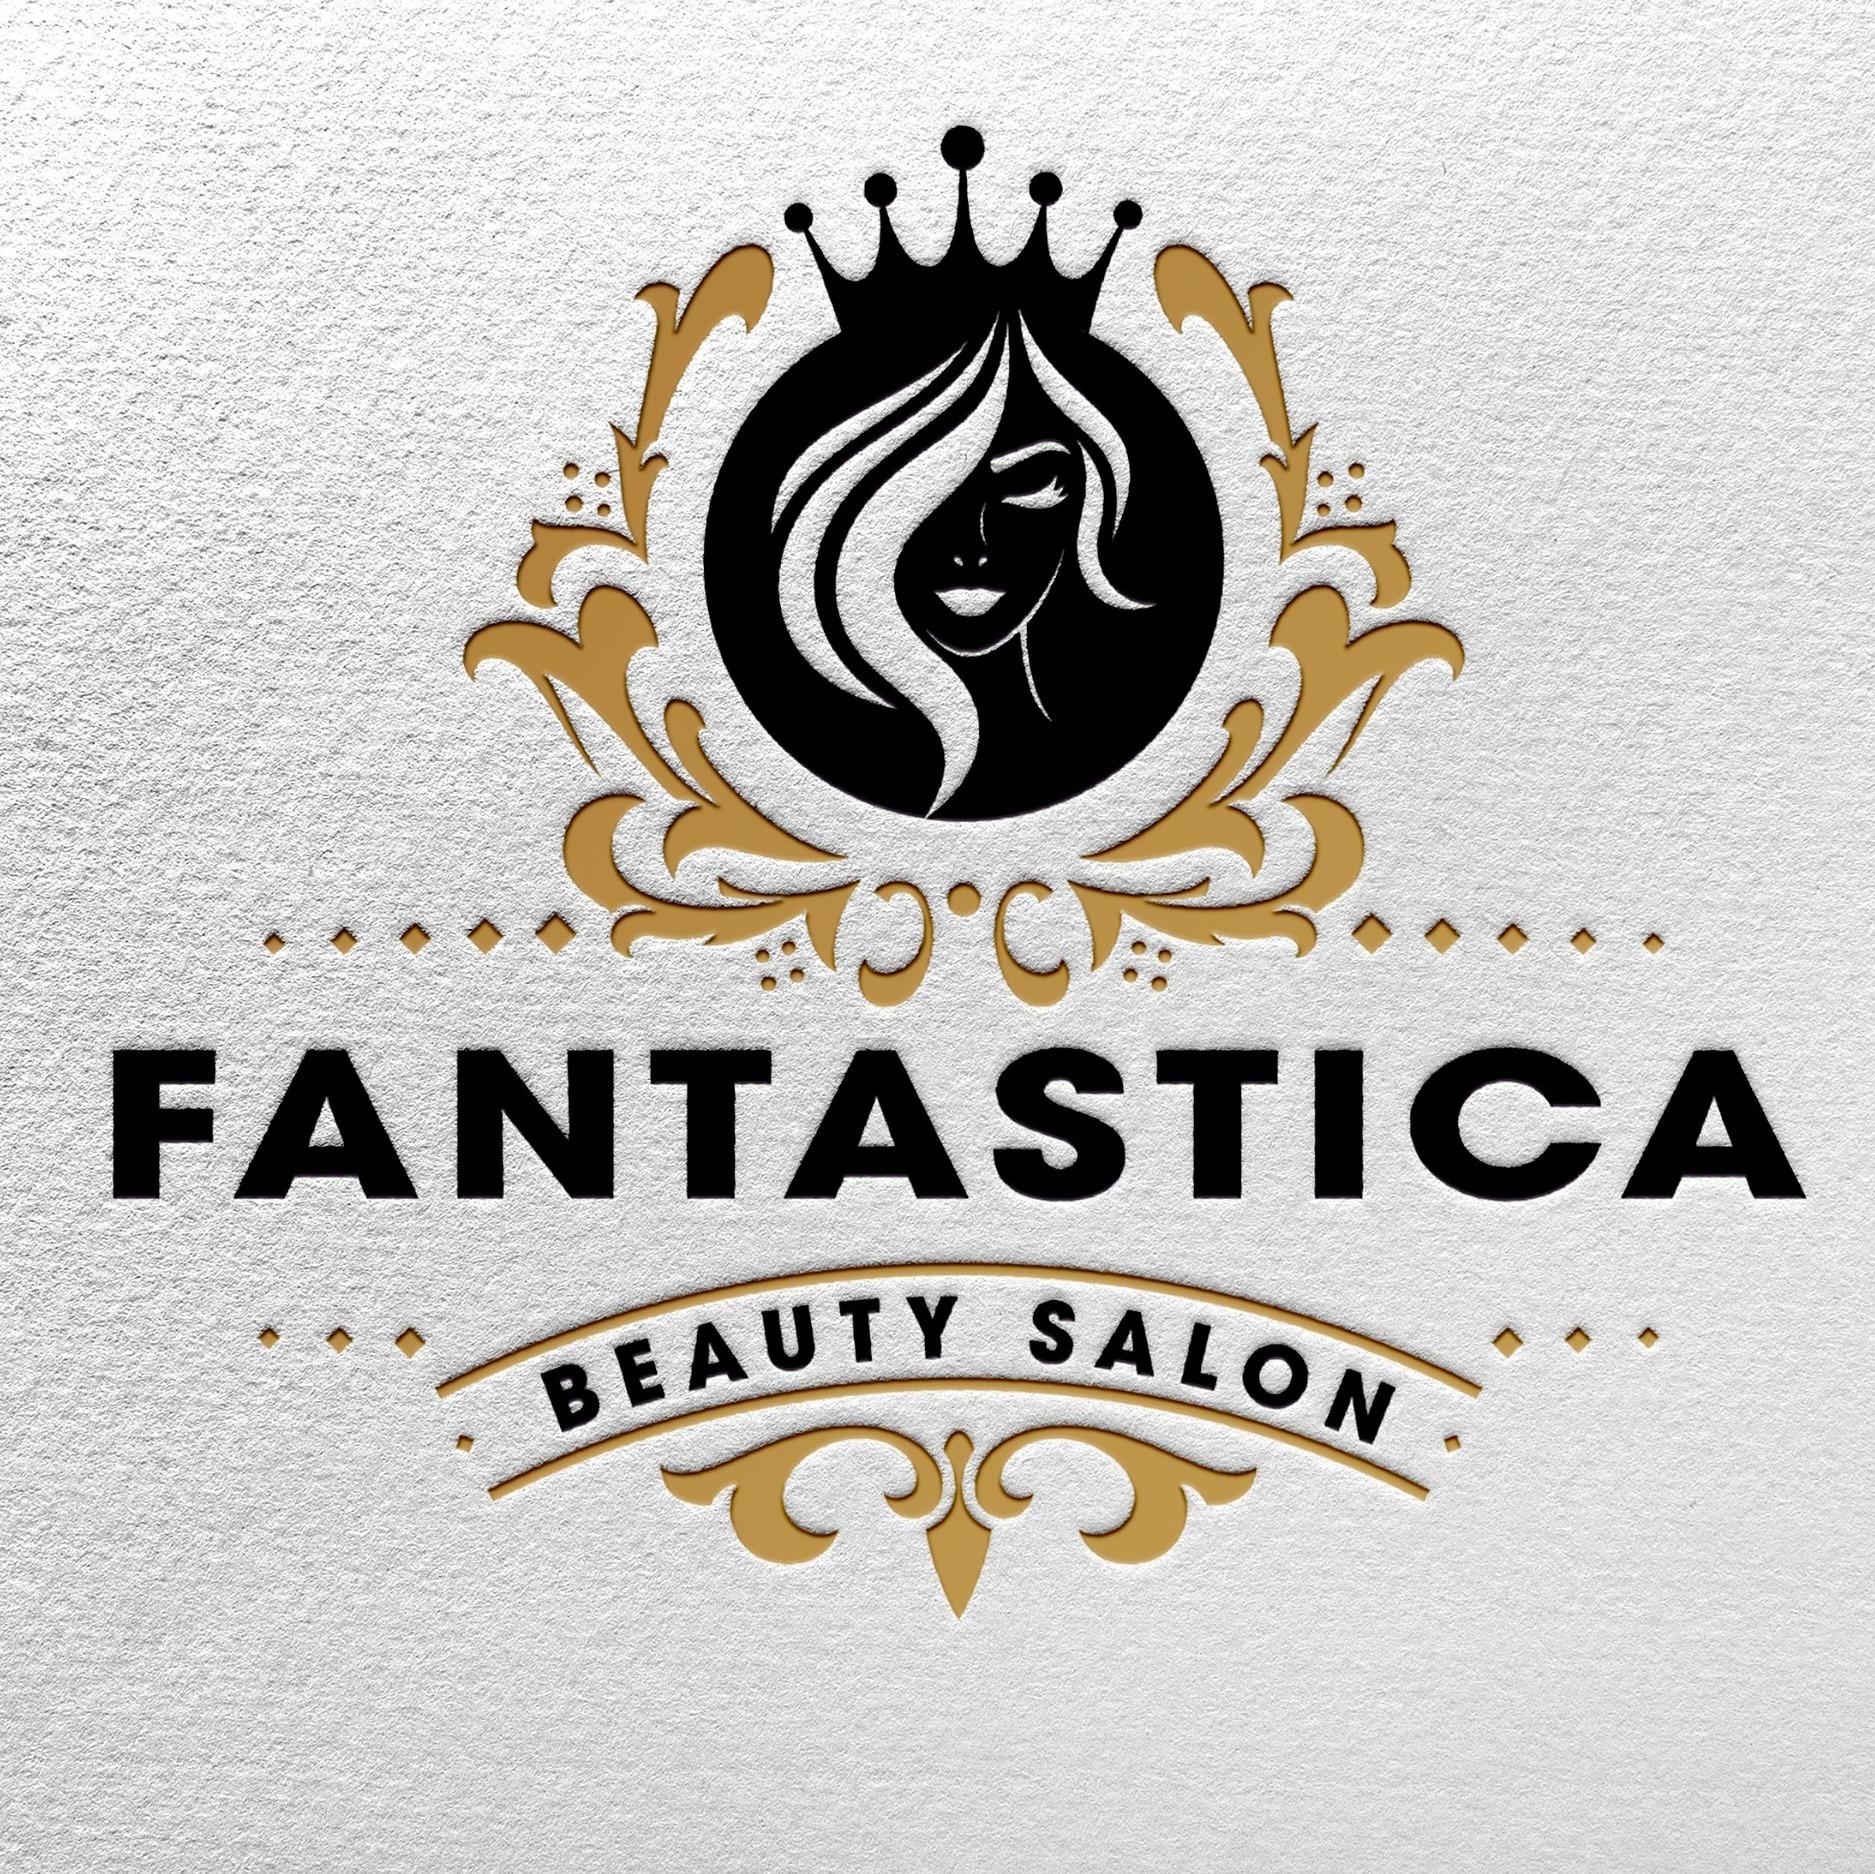 Fantastica Salon De Belleza